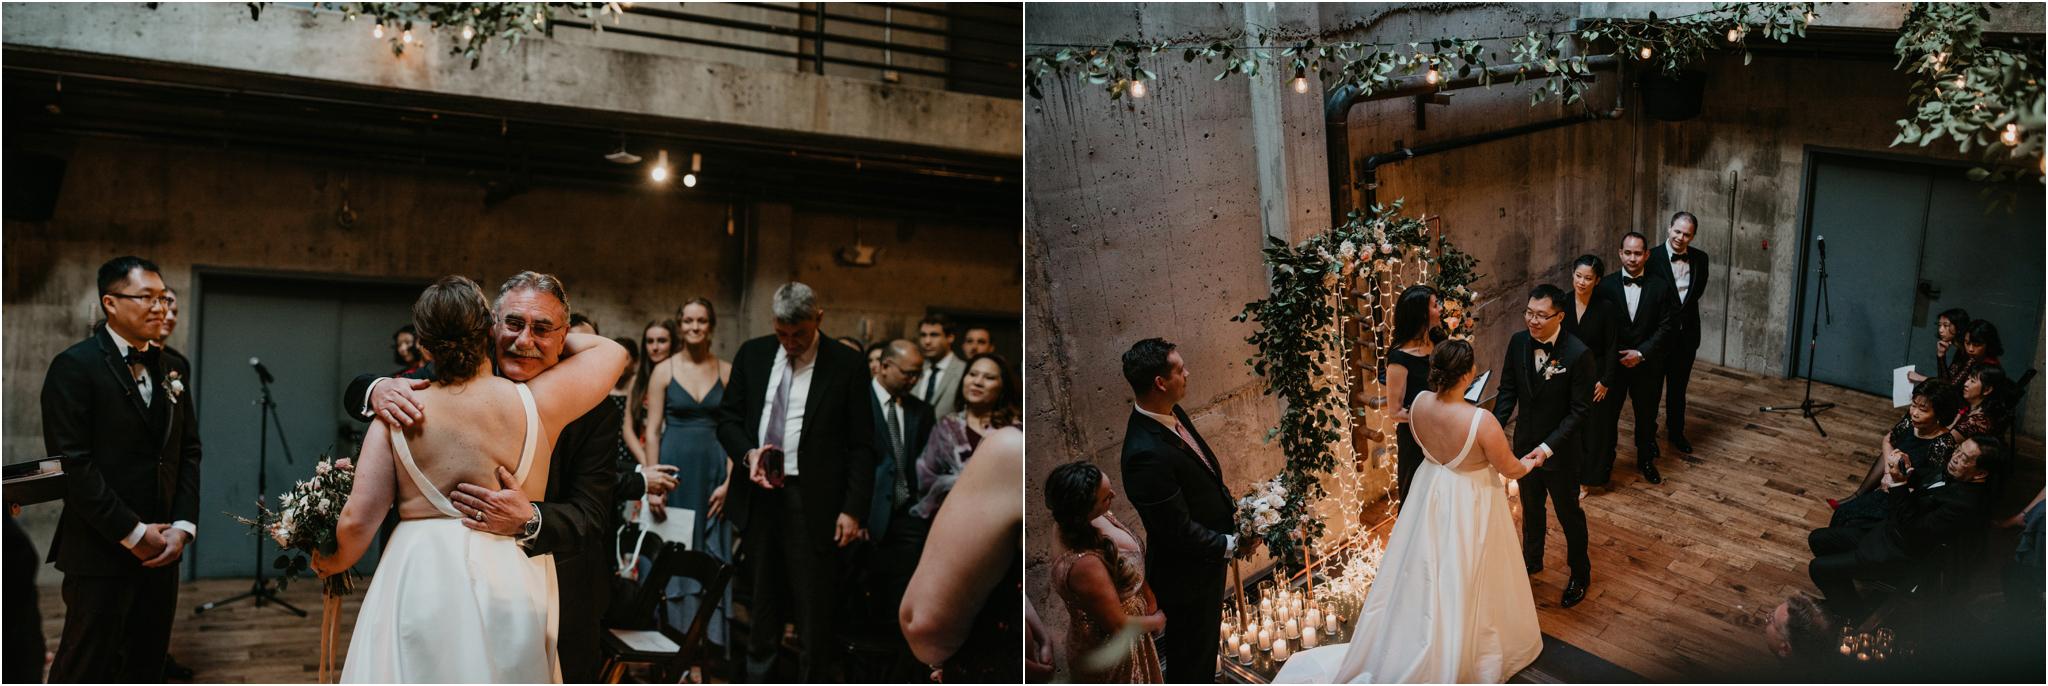 ashley-and-david-fremont-foundry-seattle-washington-wedding-photographer-067.jpg